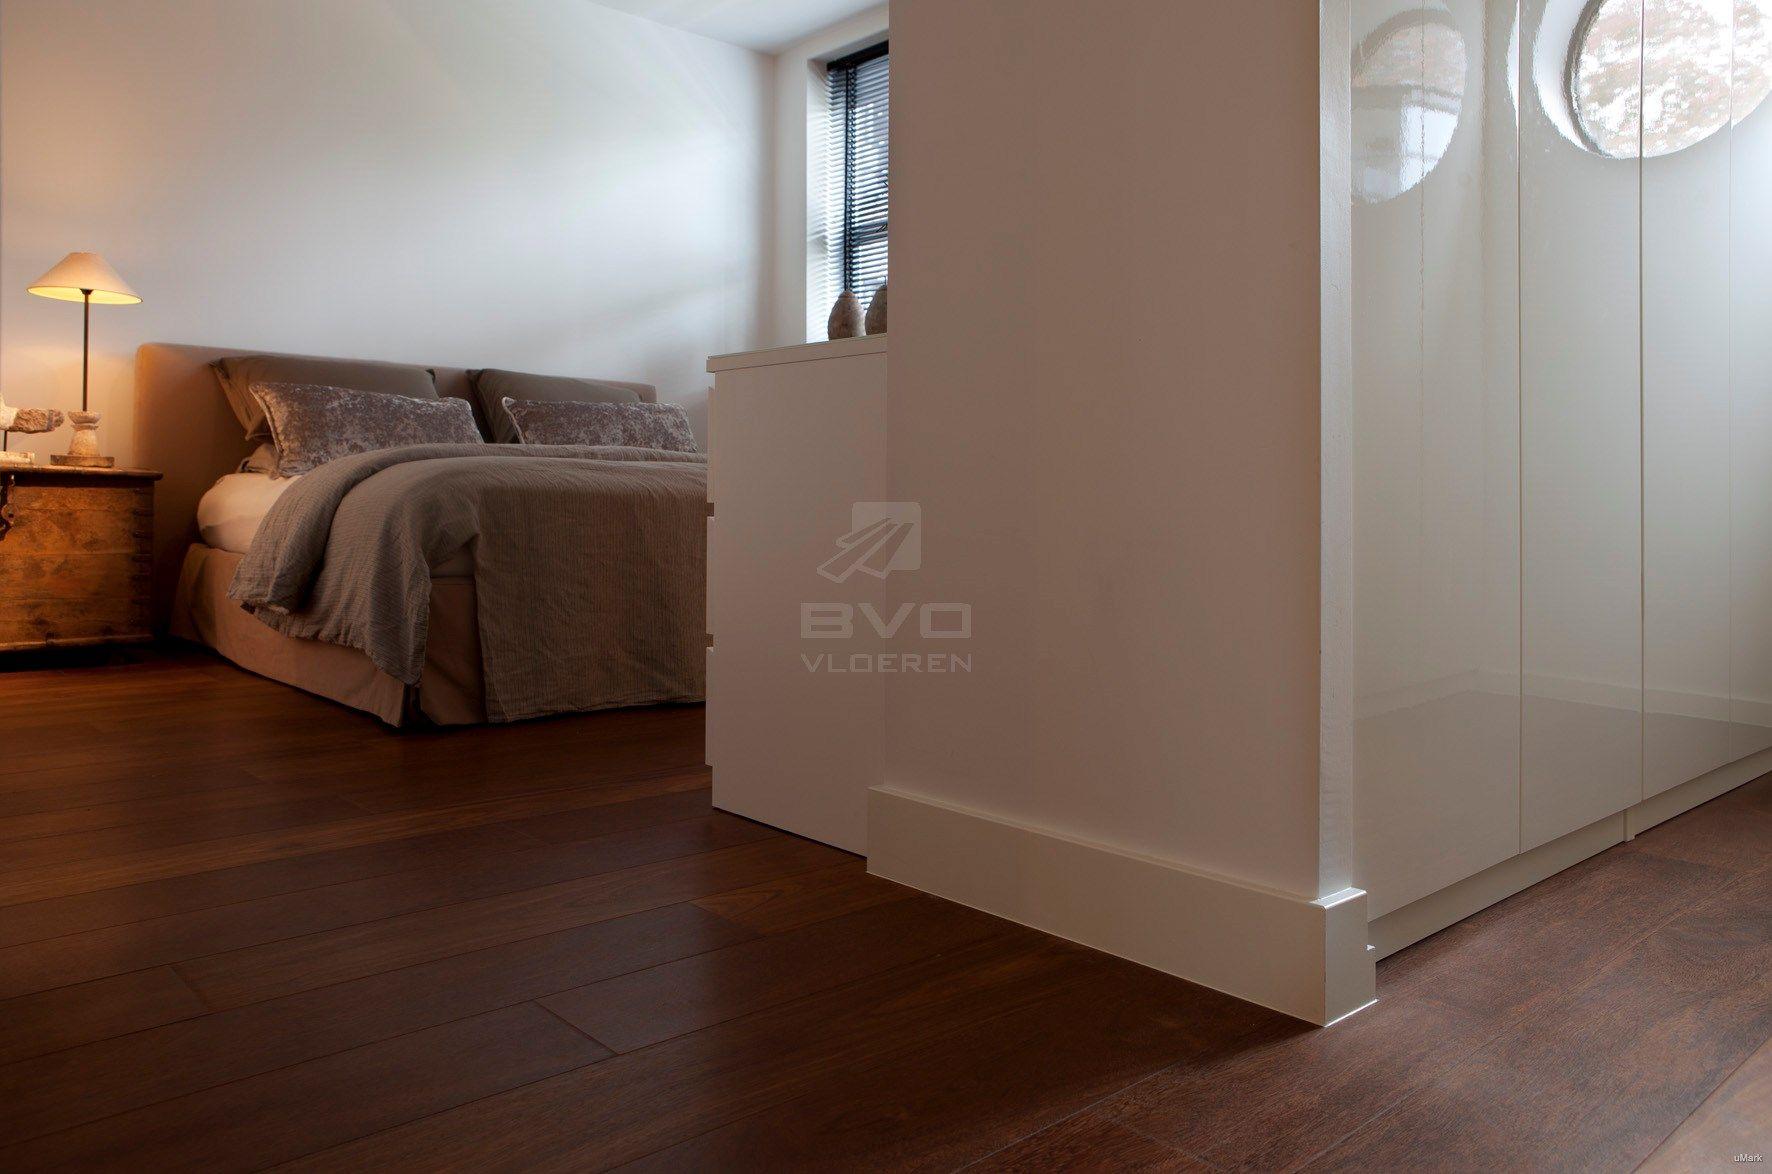 Slaapkamer Zwarte Vloer : Donker houten vloer in slaapkamer dressing of garderobekast